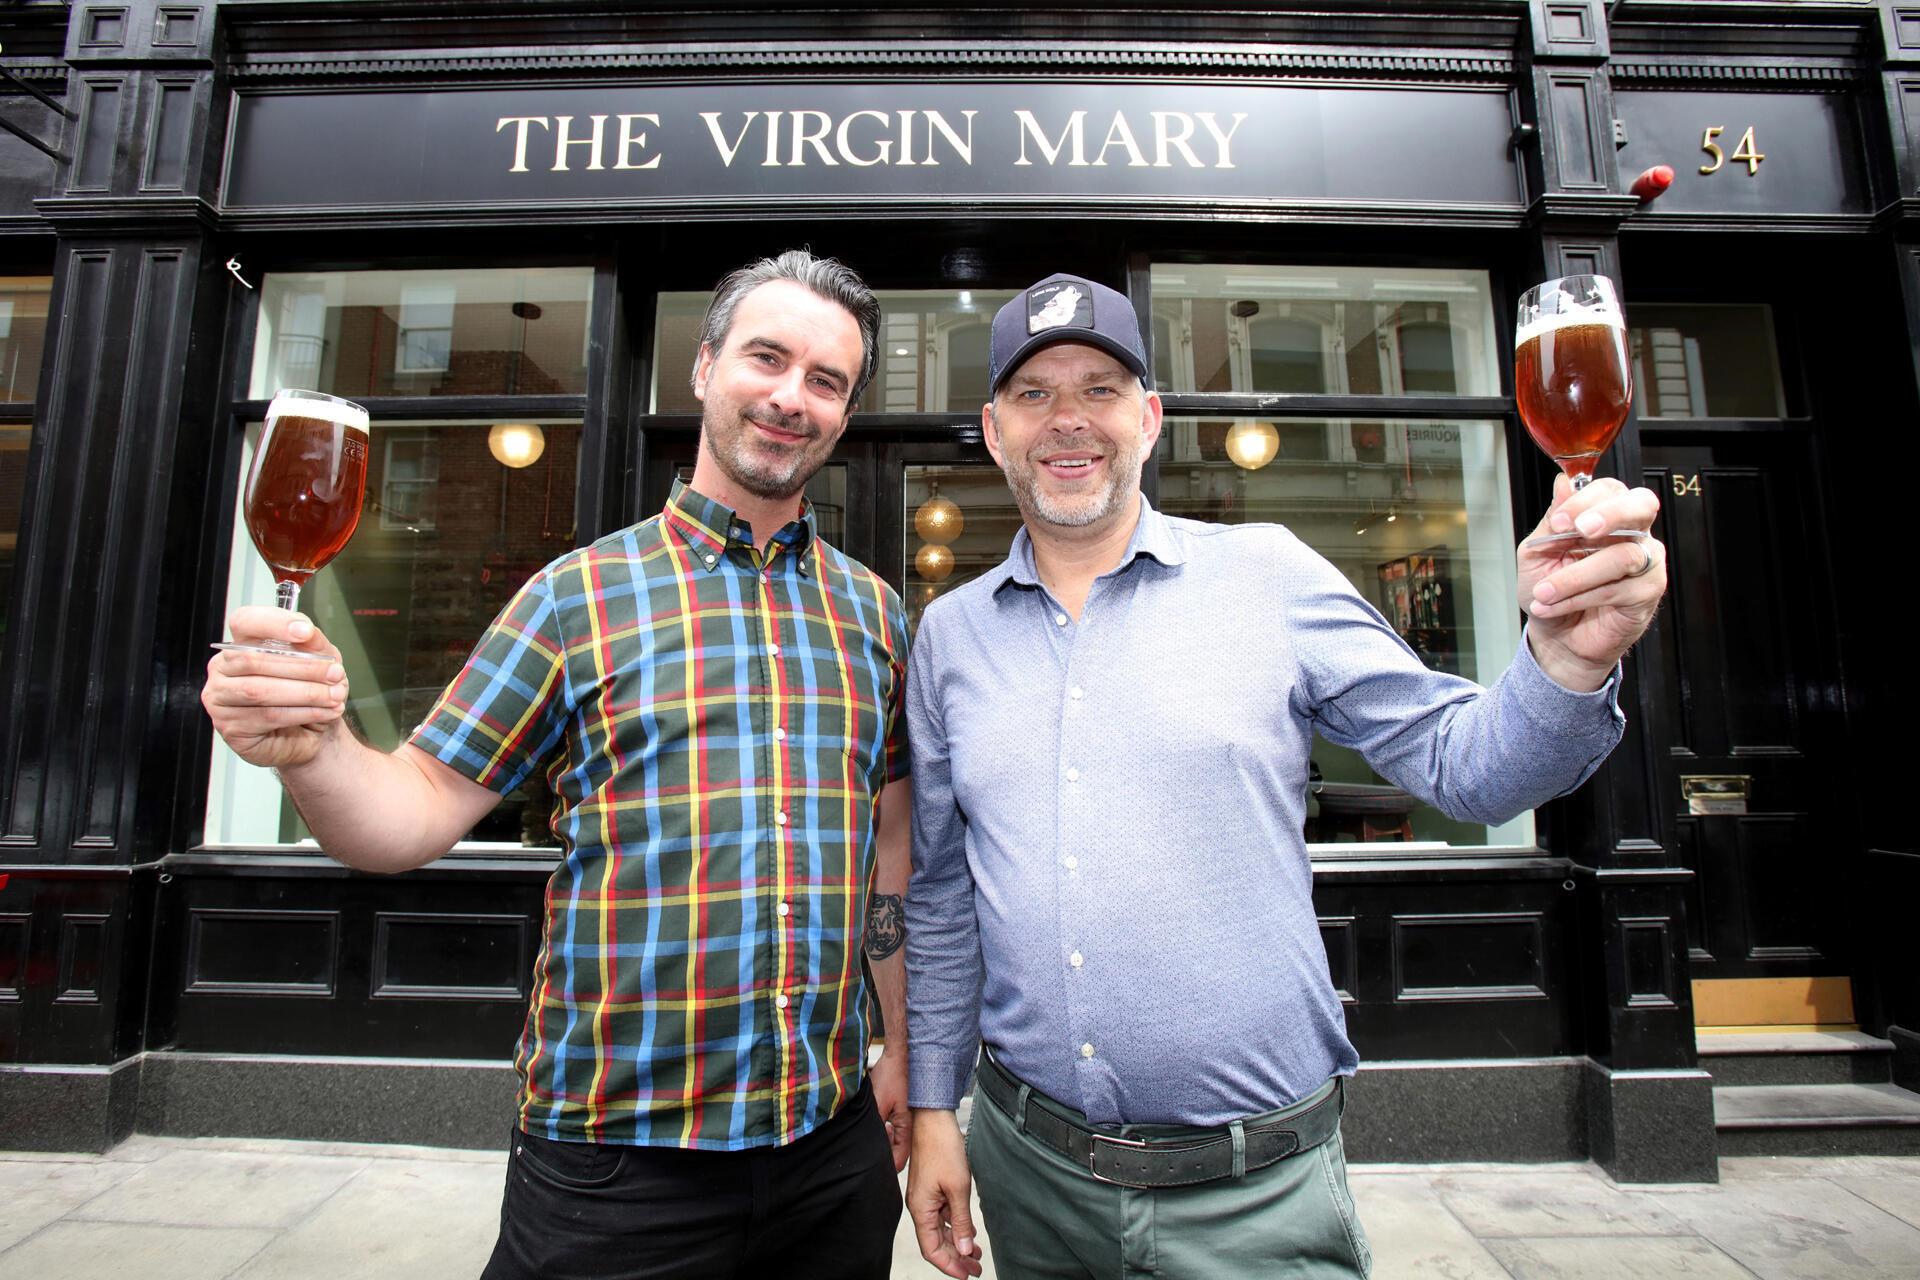 Les copropriétaires du Virgin Mary, un pub qui propose de la bière sans alcool dans le quartier de Temple Bar à Dublin.